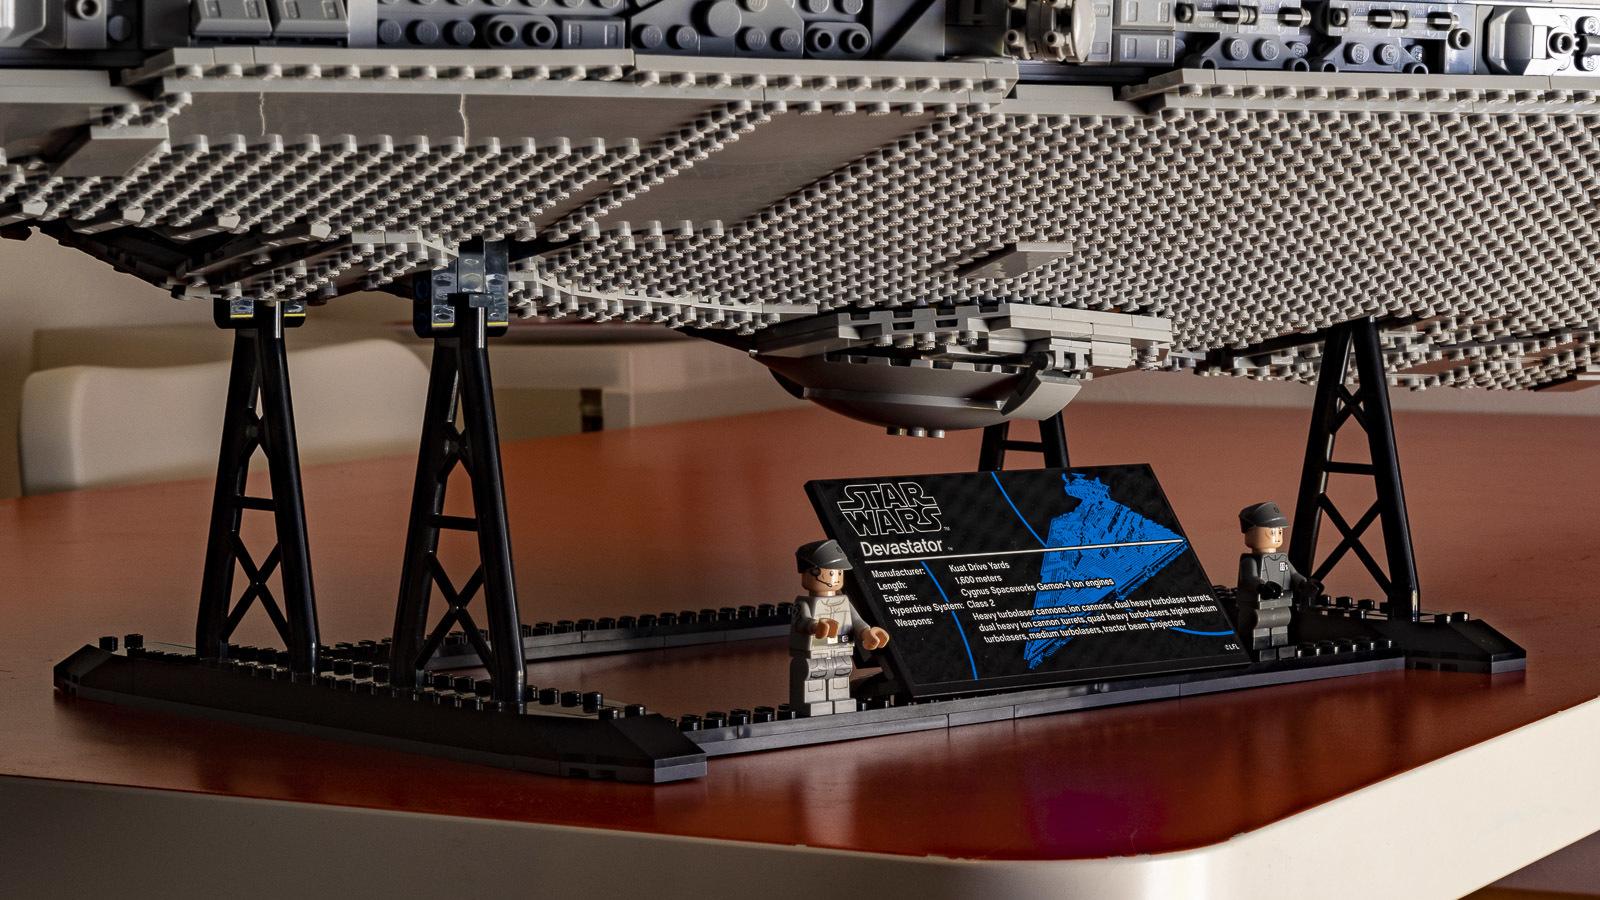 全長1mオーバー、LEGOで組む巨大なスター・デストロイヤーに本物の「優しさ」を感じた話_b0029315_18314506.jpg